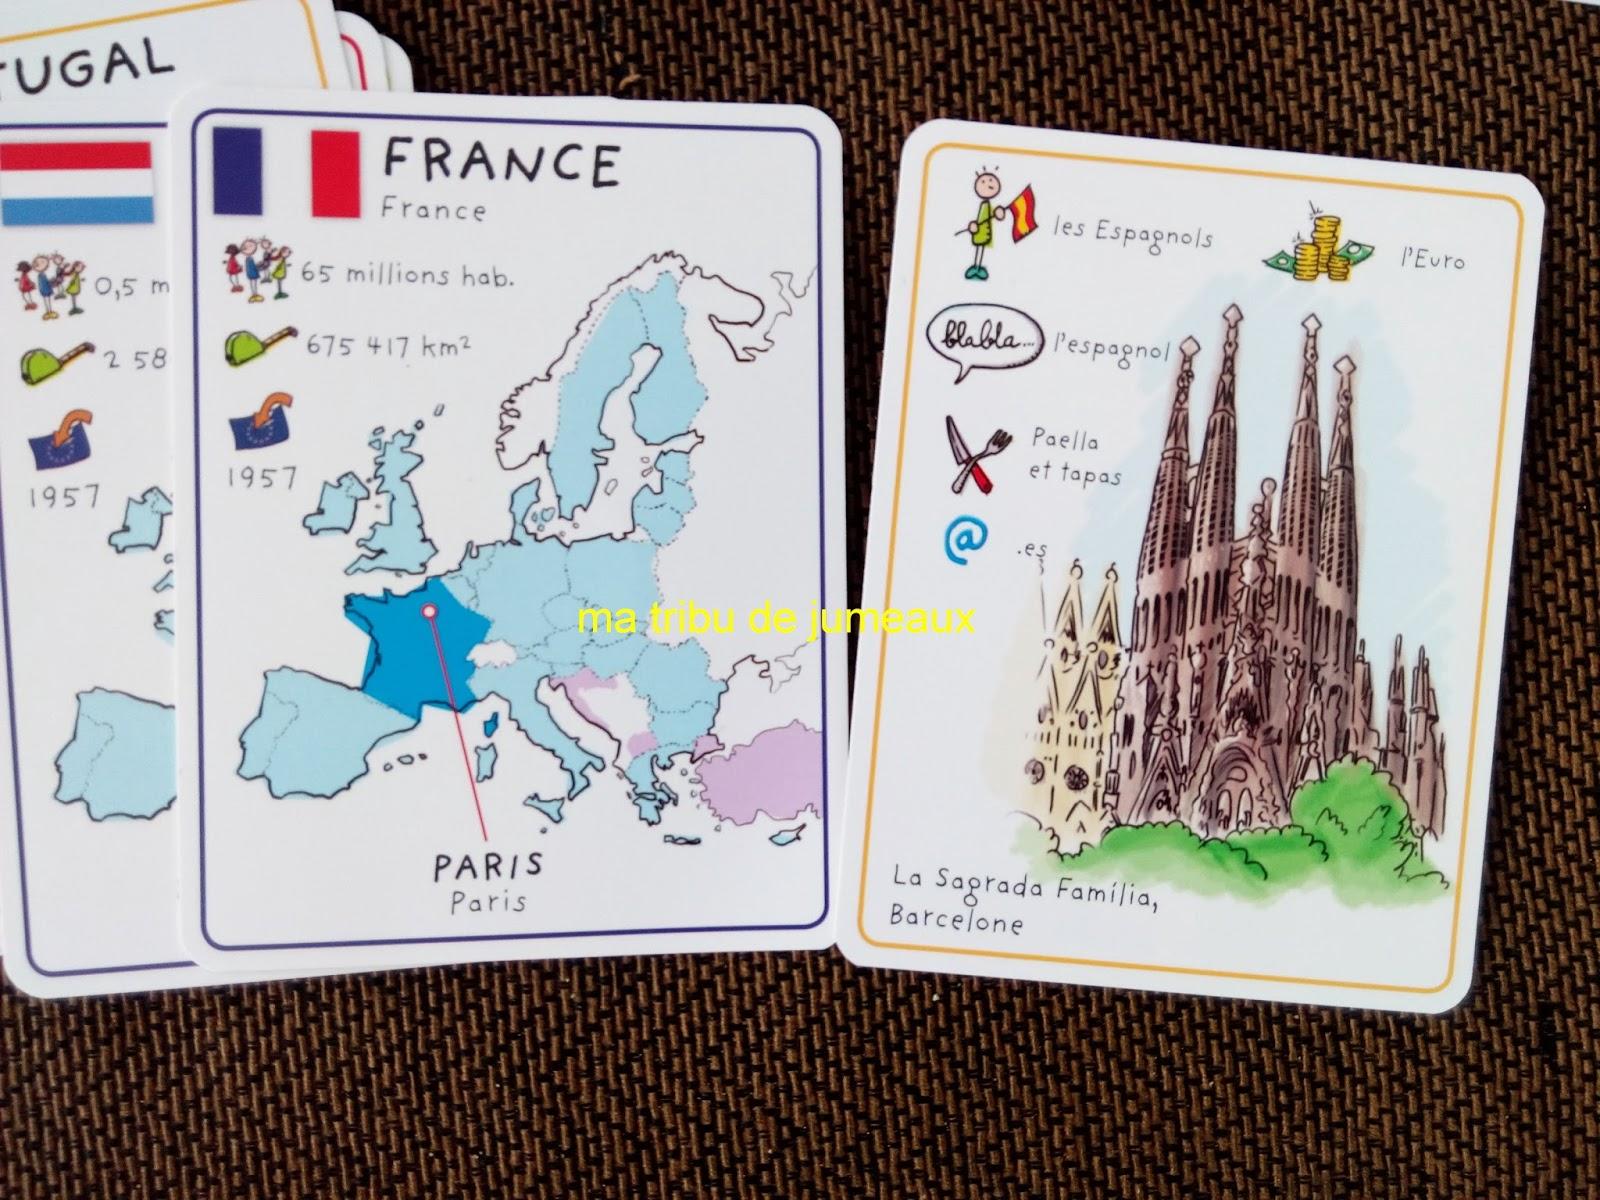 Carte De Leurope Jeux Educatifs.Ma Tribu De Jumeaux Des Jeux De Cartes Educatif Pour Les Enfants